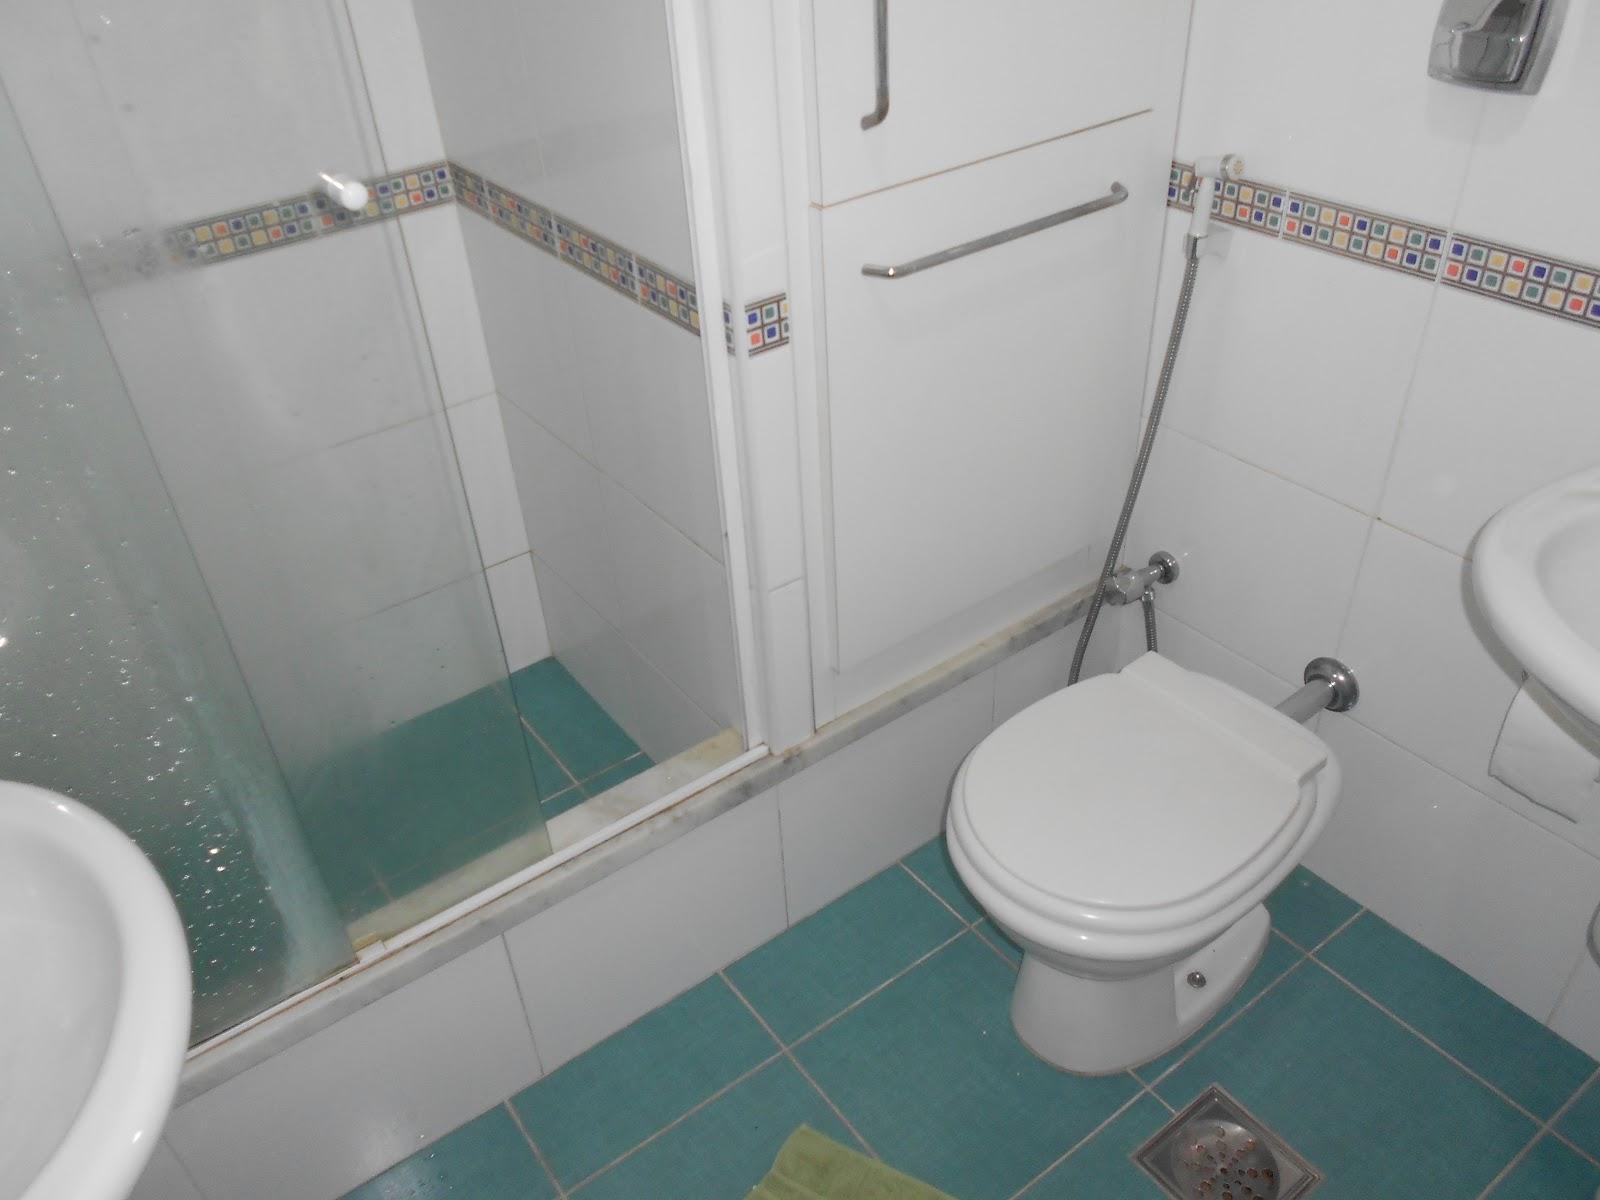 Imagens de #375258 Corretora Malaguti Imóveis para compra venda e aluguel Cr. 28  1600x1200 px 3558 Blindex Banheiro Belem